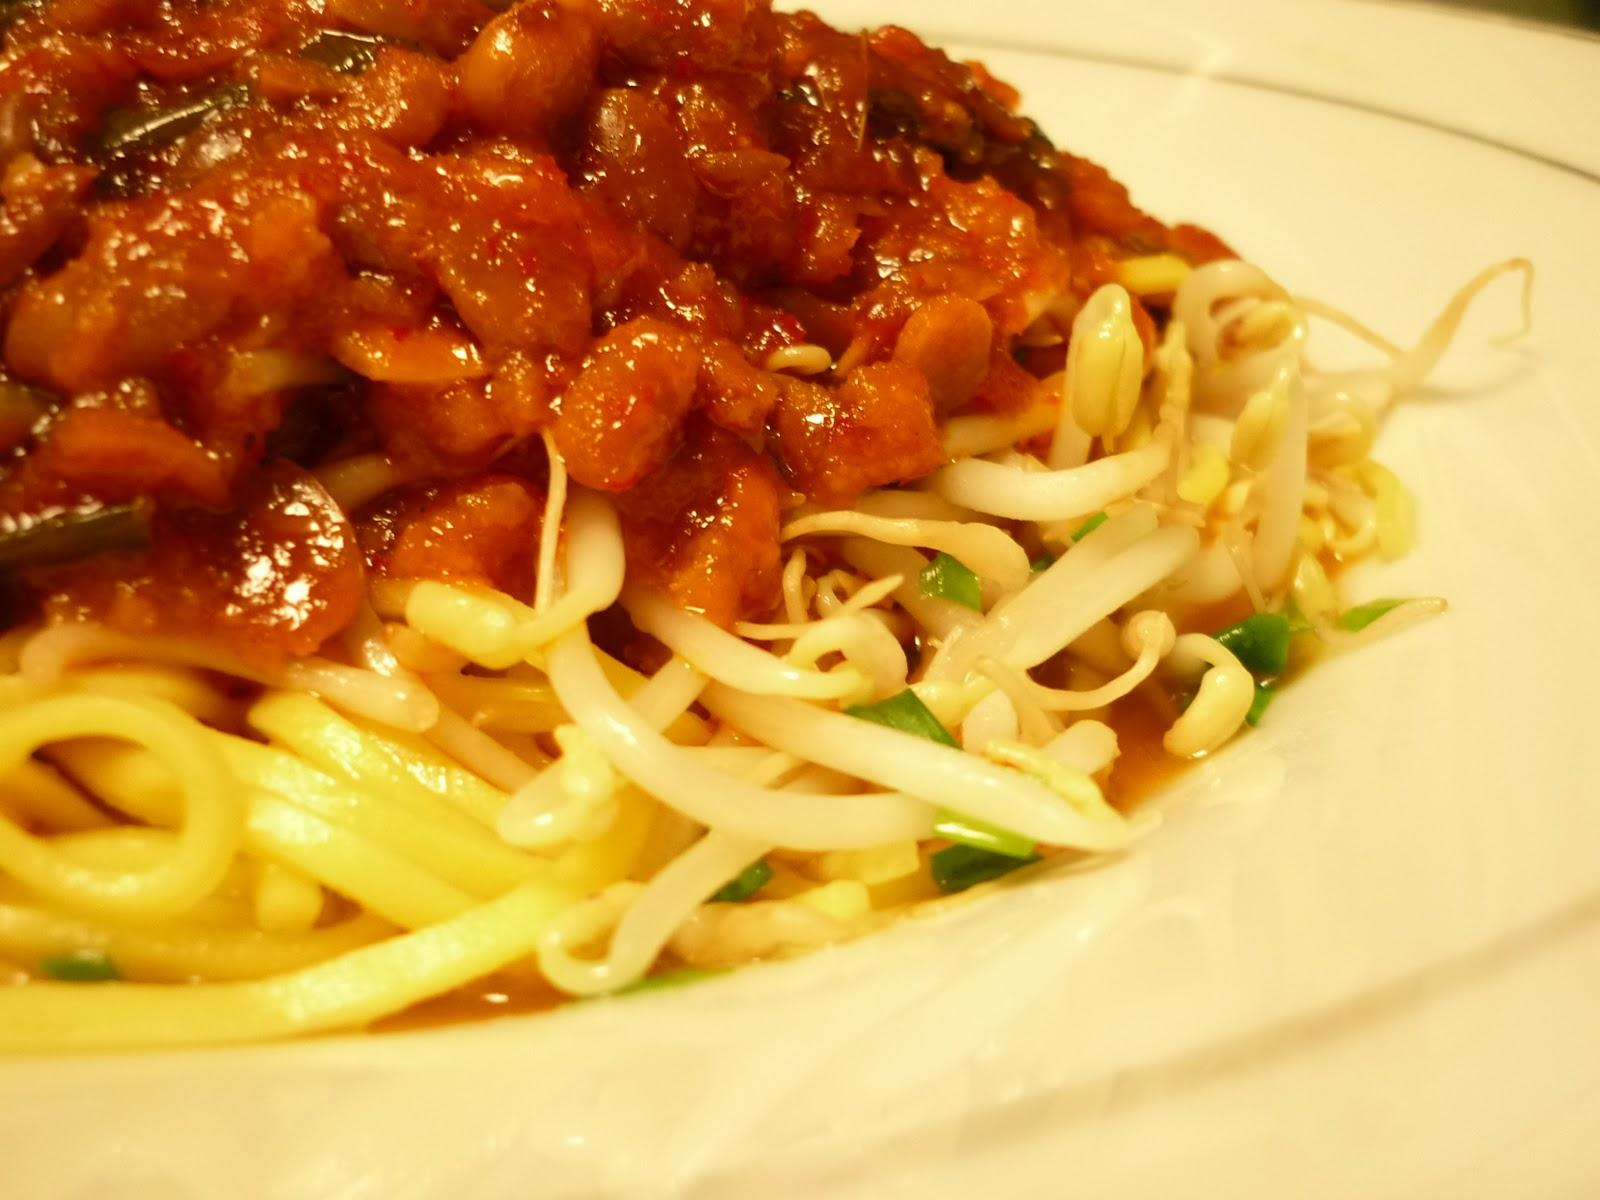 Makanan khas sukabumi yang terkenal